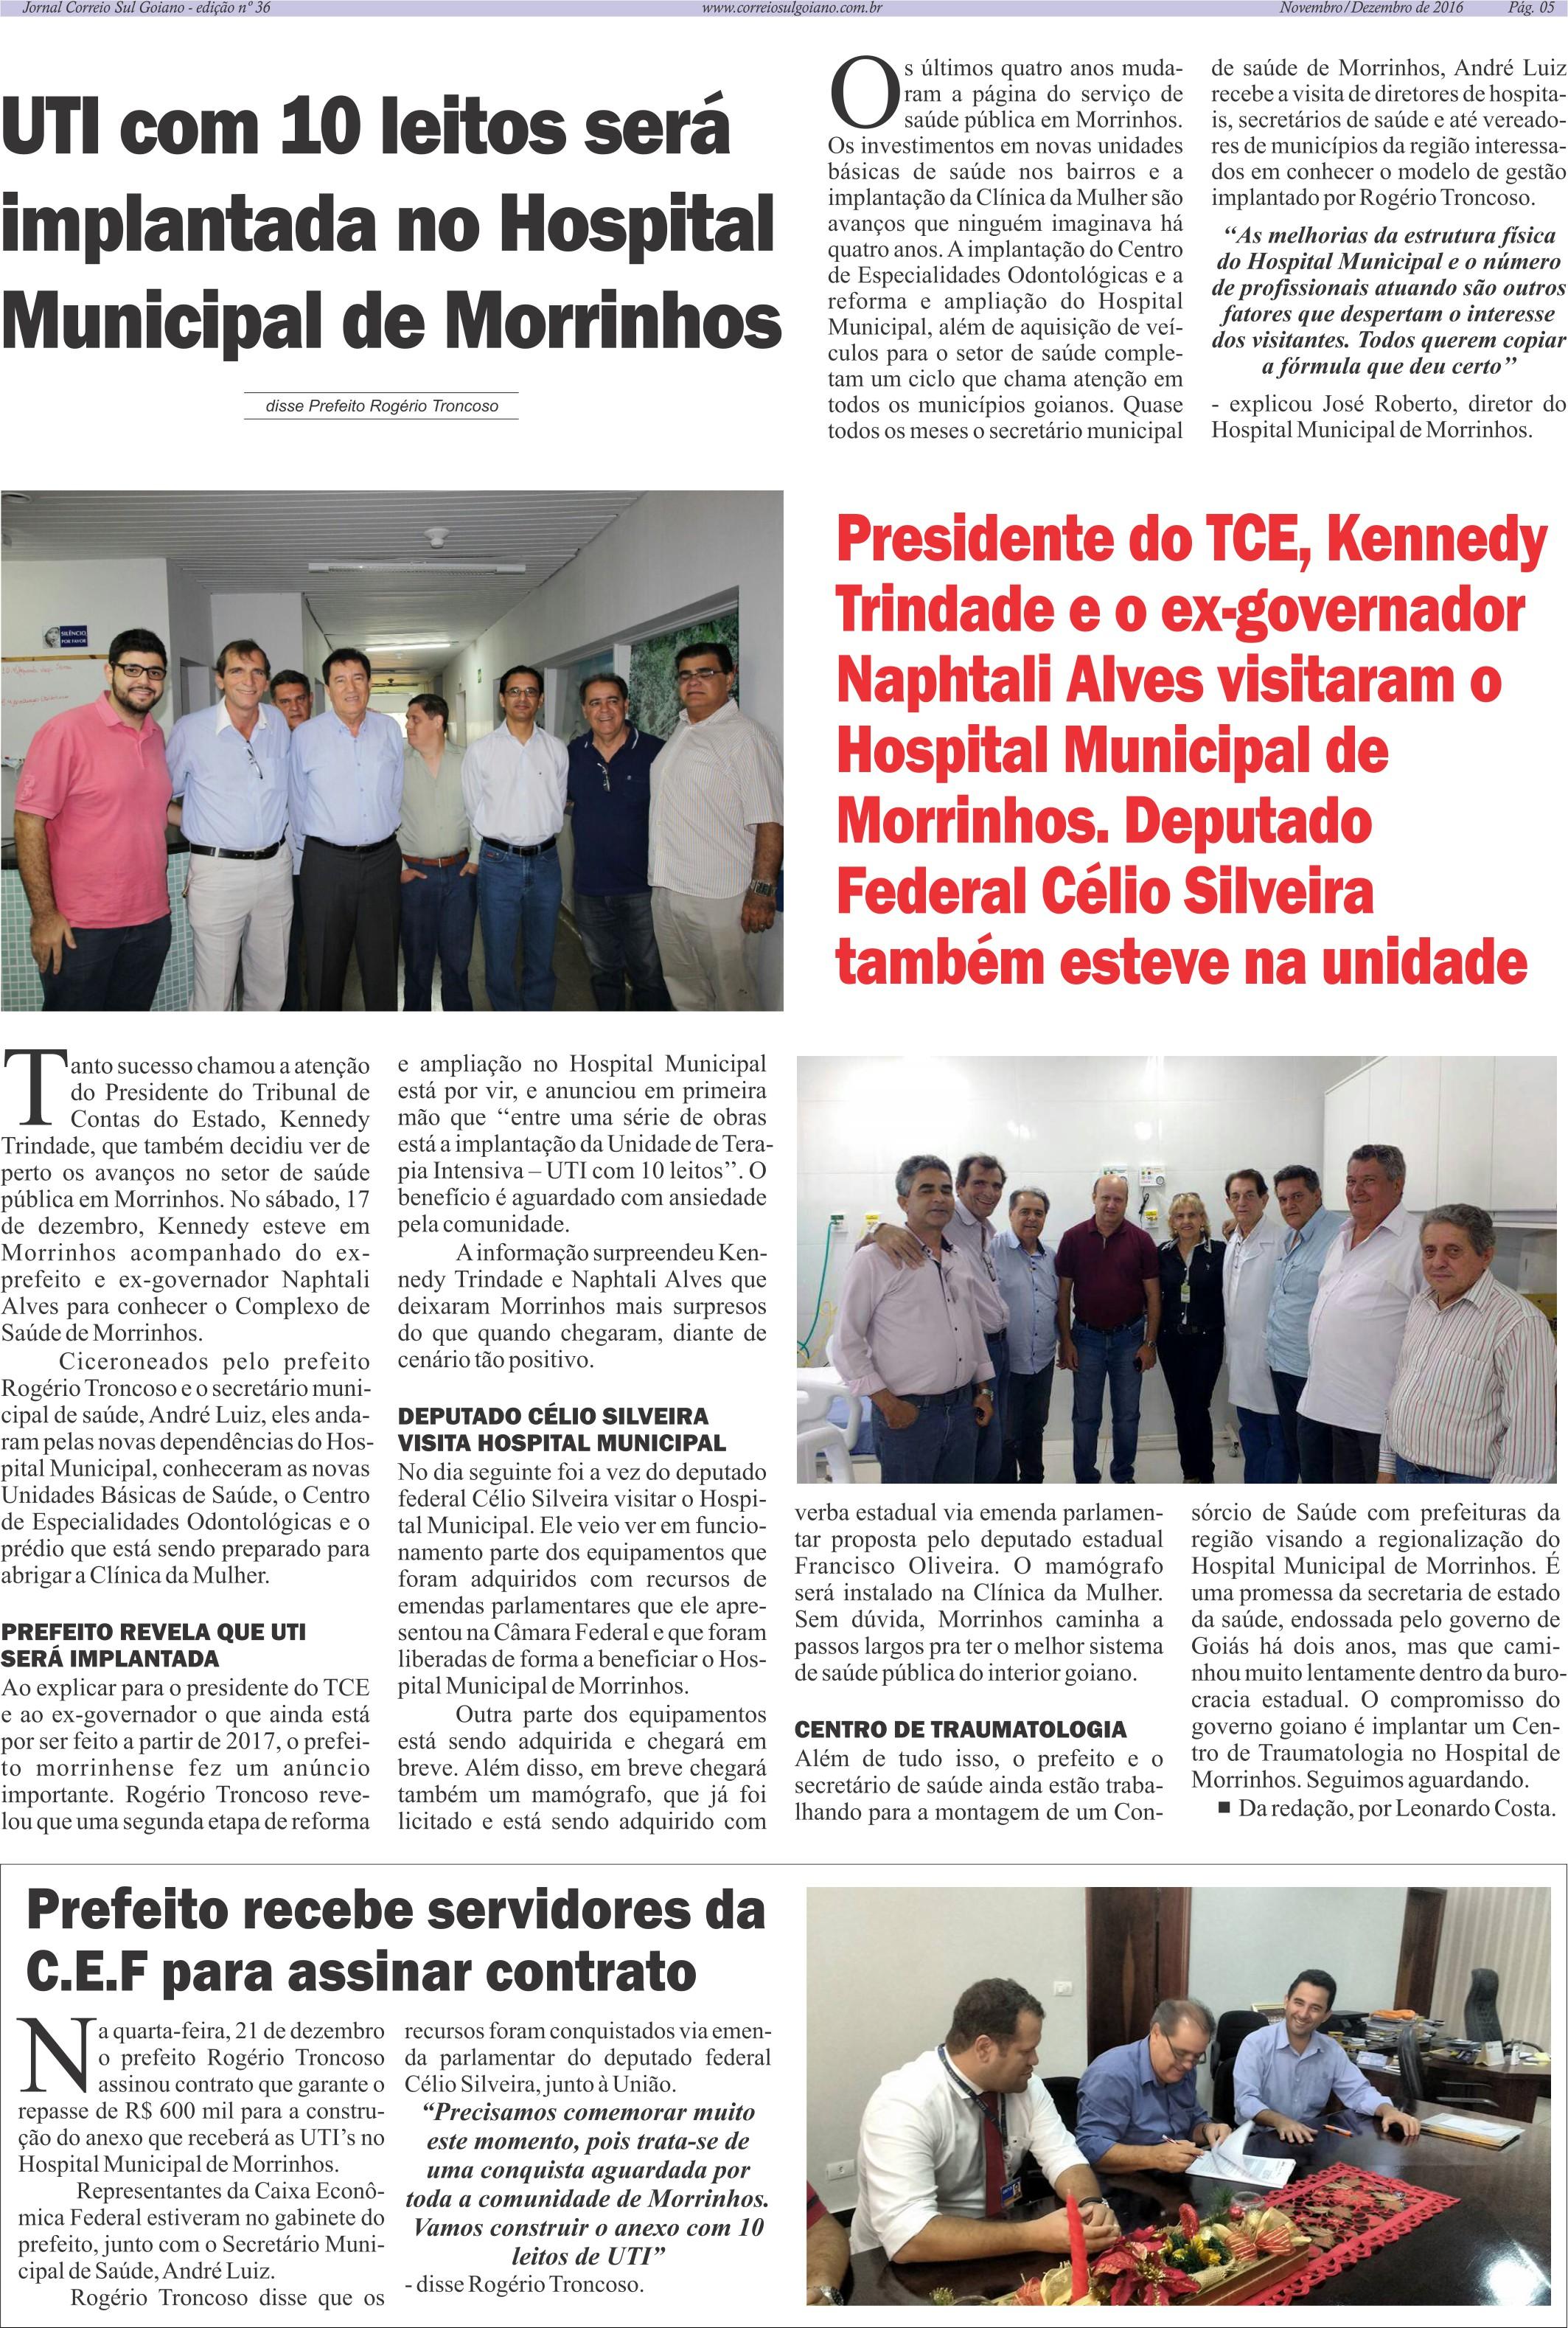 Edição nº 036 - Página 05